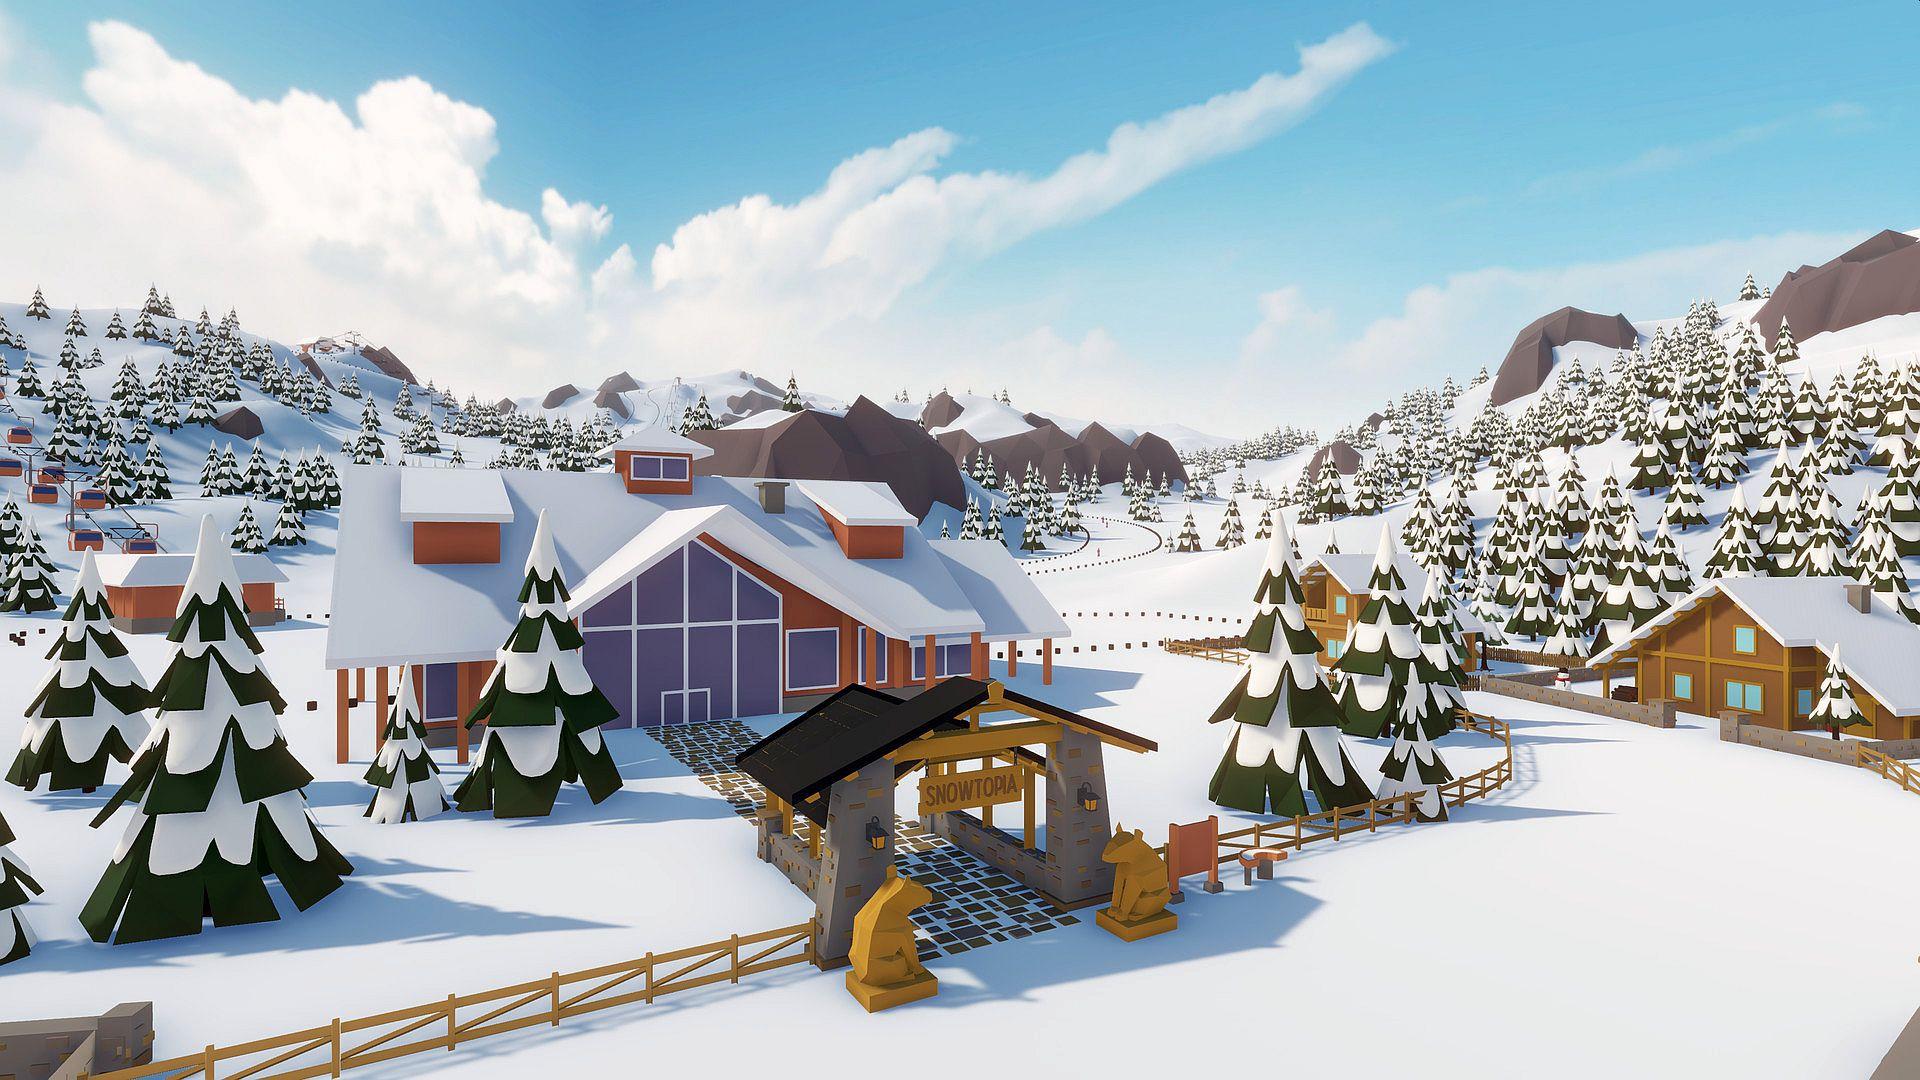 Build your dream ski resort in Snowtopia from tomorrow